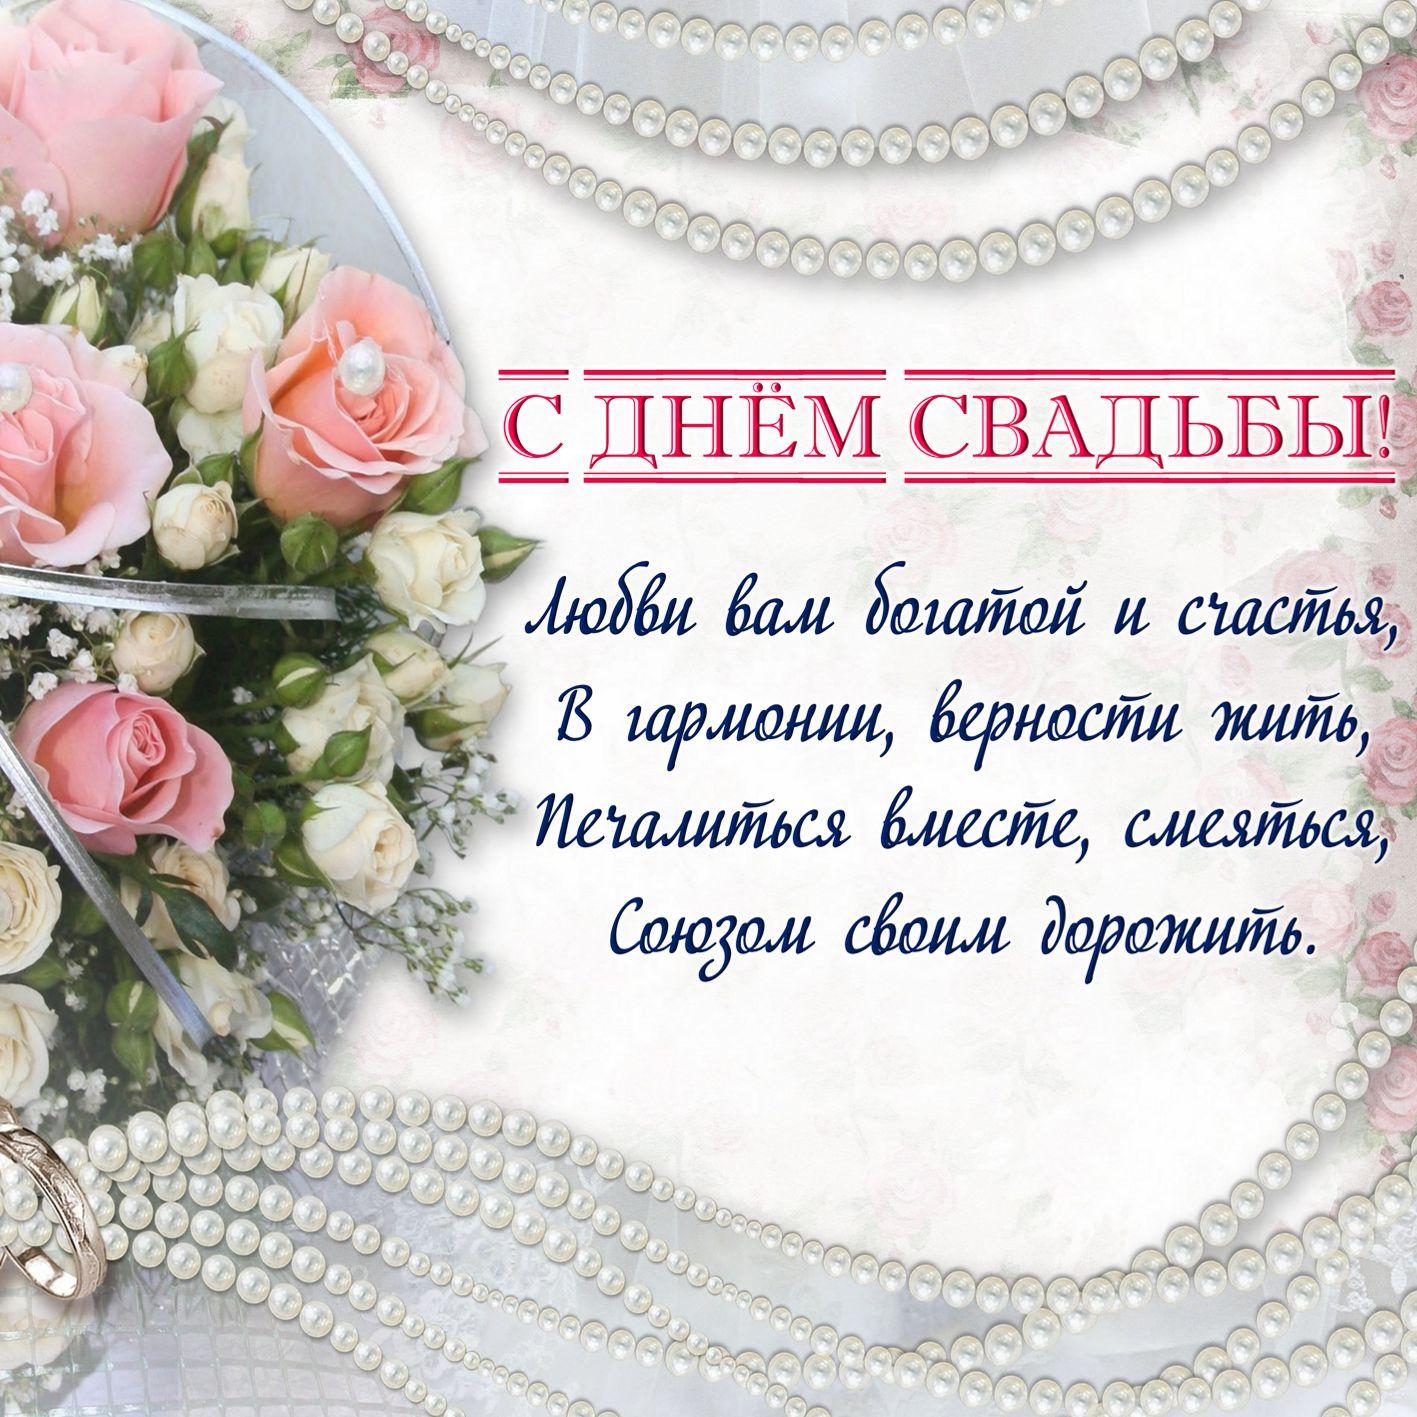 поздравление с днем свадьбы от родственников из далека при